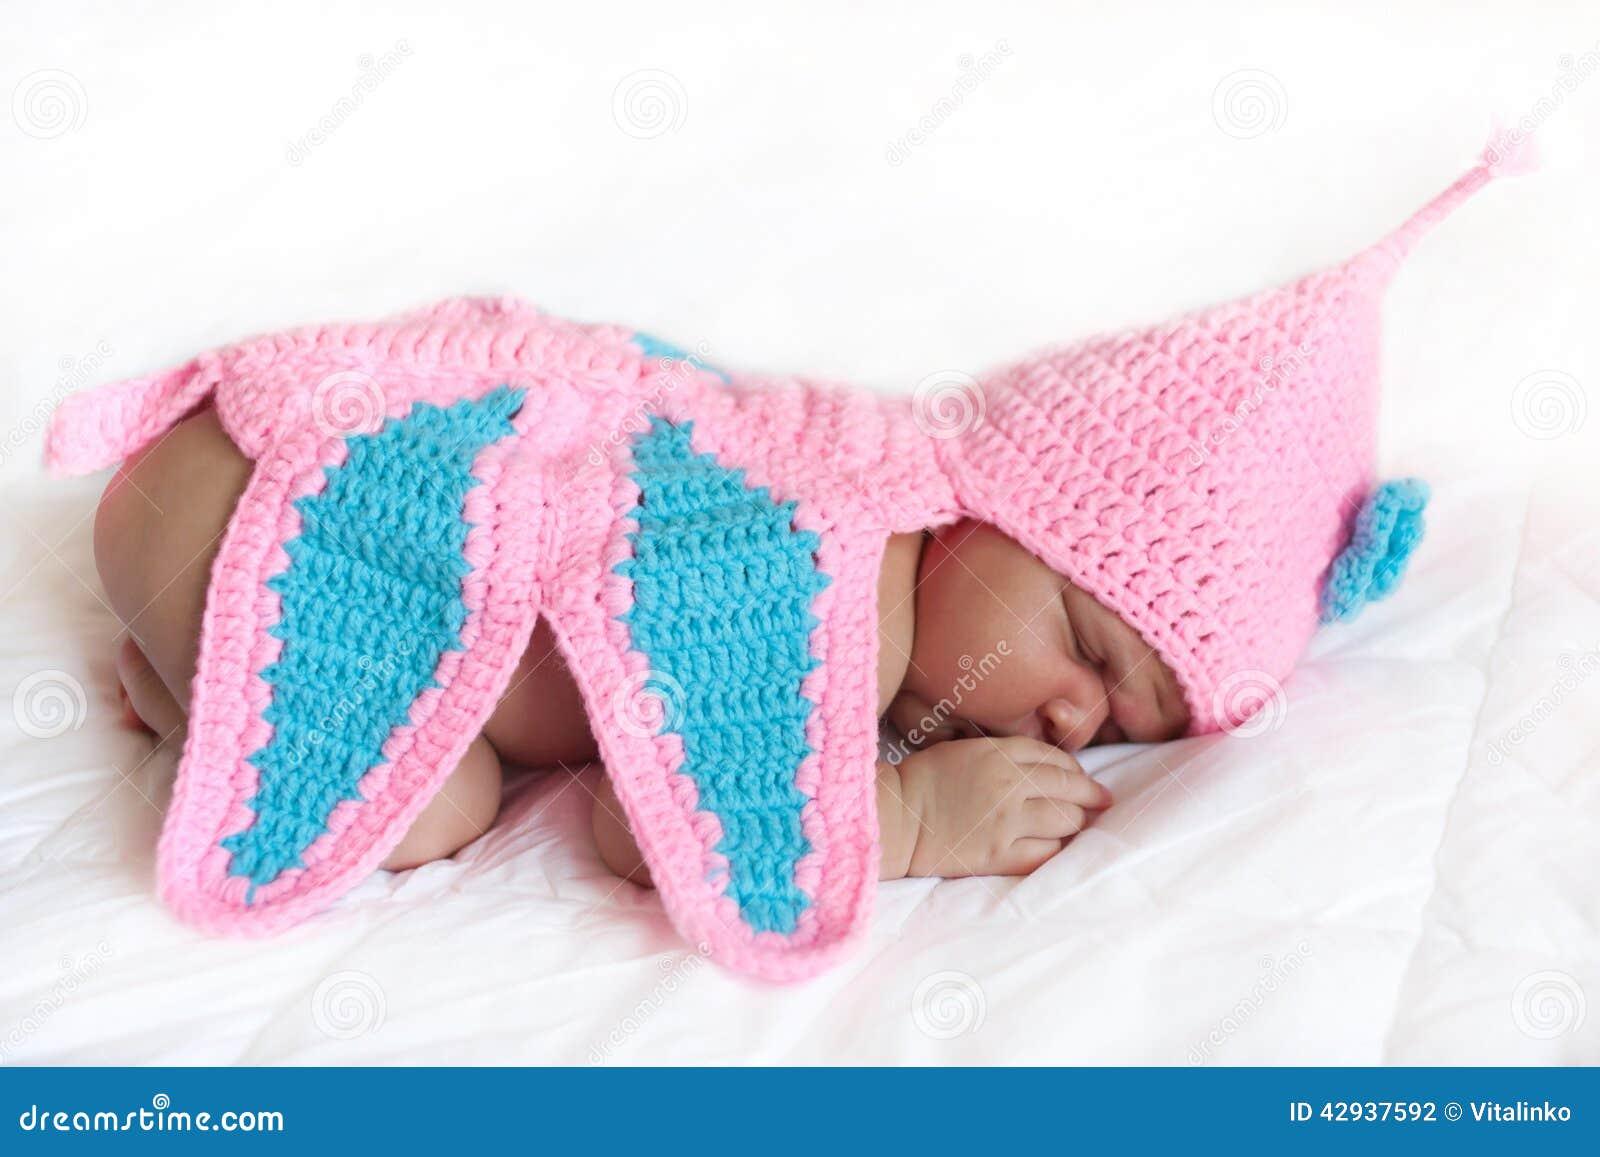 Mulatto Newborn Baby Girl Sleeping Stock Photo Image Of